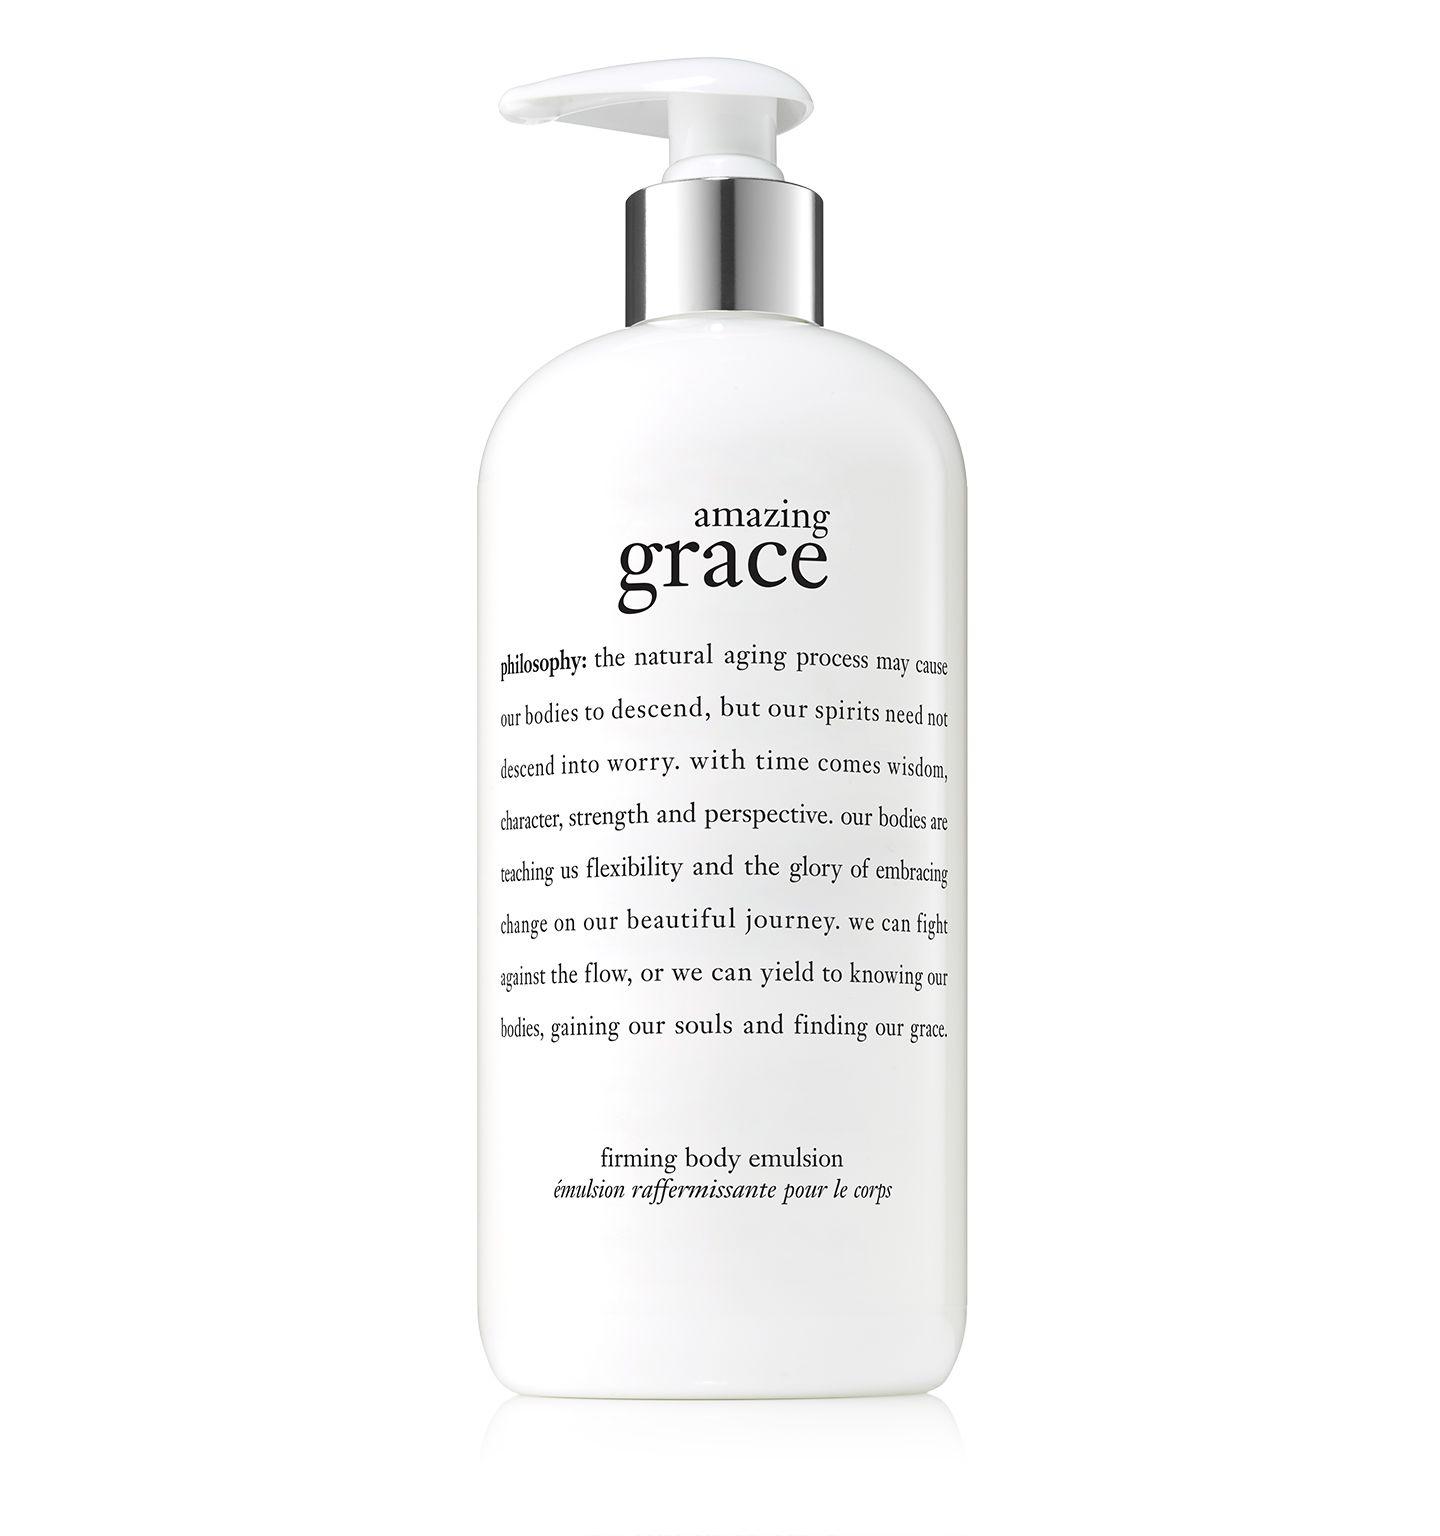 Amazing Grace Philosophy Amazing Grace Amazing Grace Moisturizer For Dry Skin